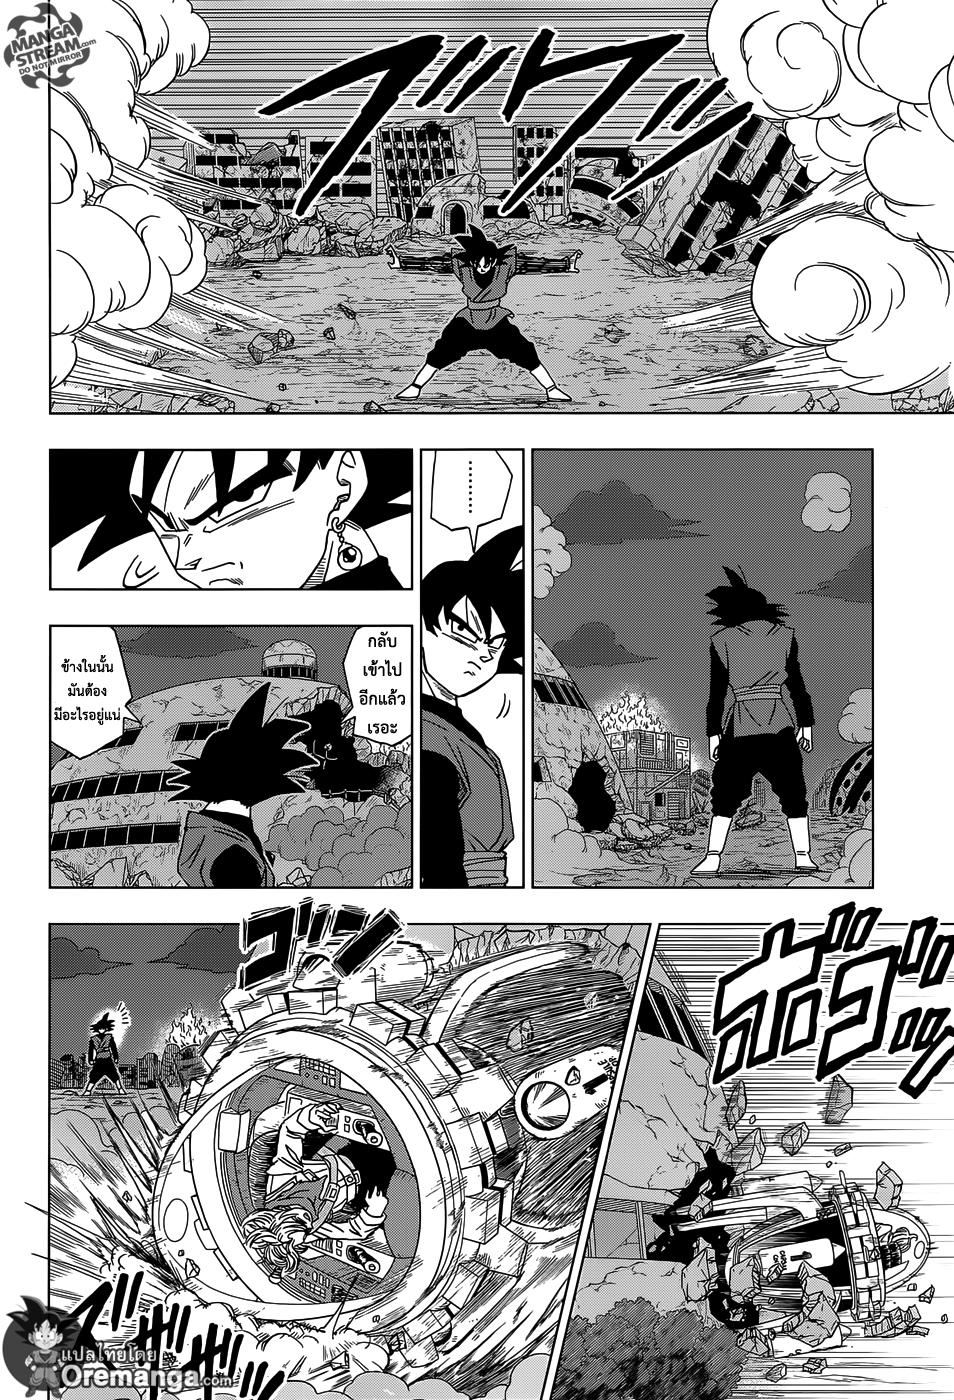 อ่านการ์ตูน Dragonball Super ตอนที่ 15 หน้าที่ 12